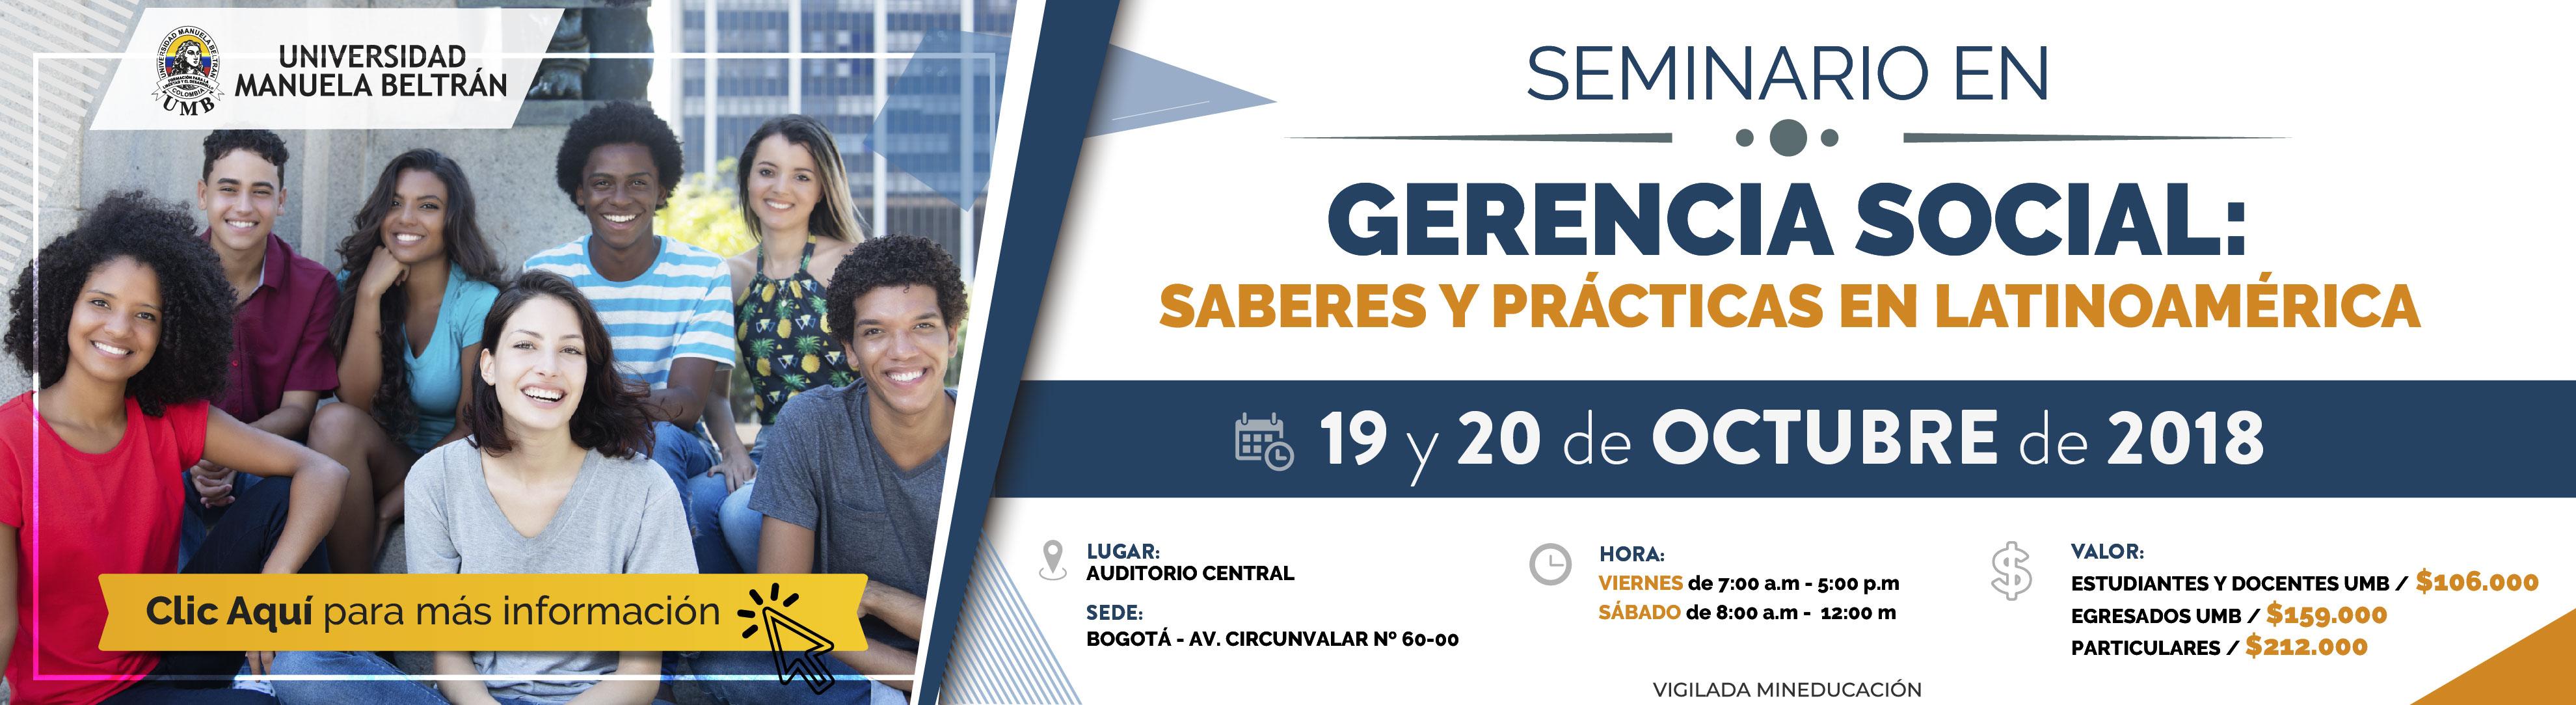 Banner_seminario_saberes_y_practicas_en_latinoamerica